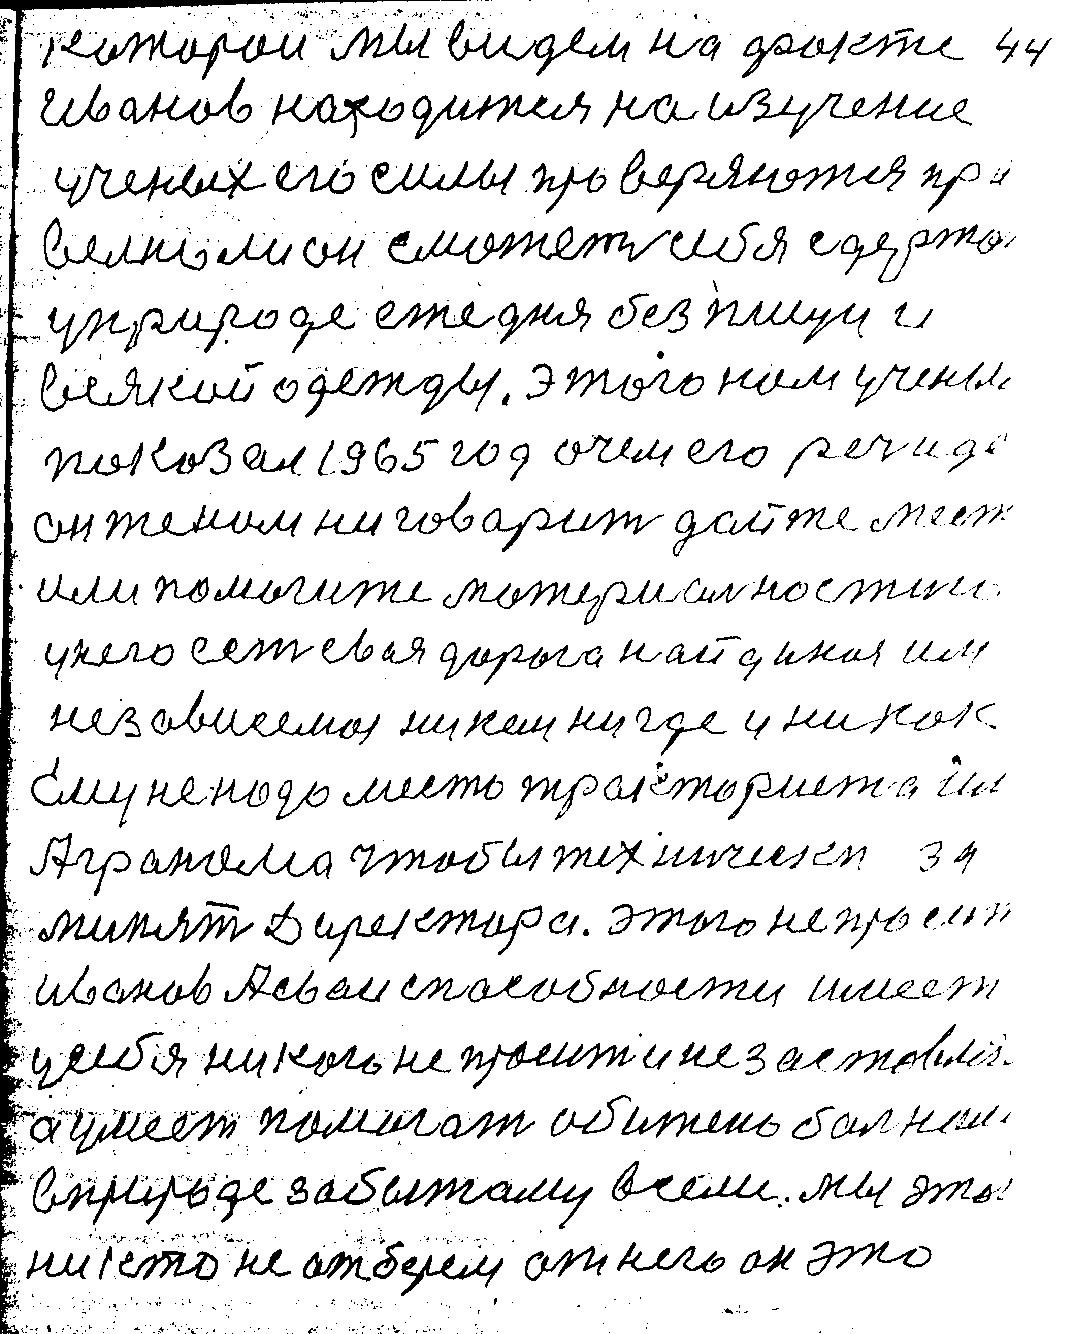 Str044.jpg